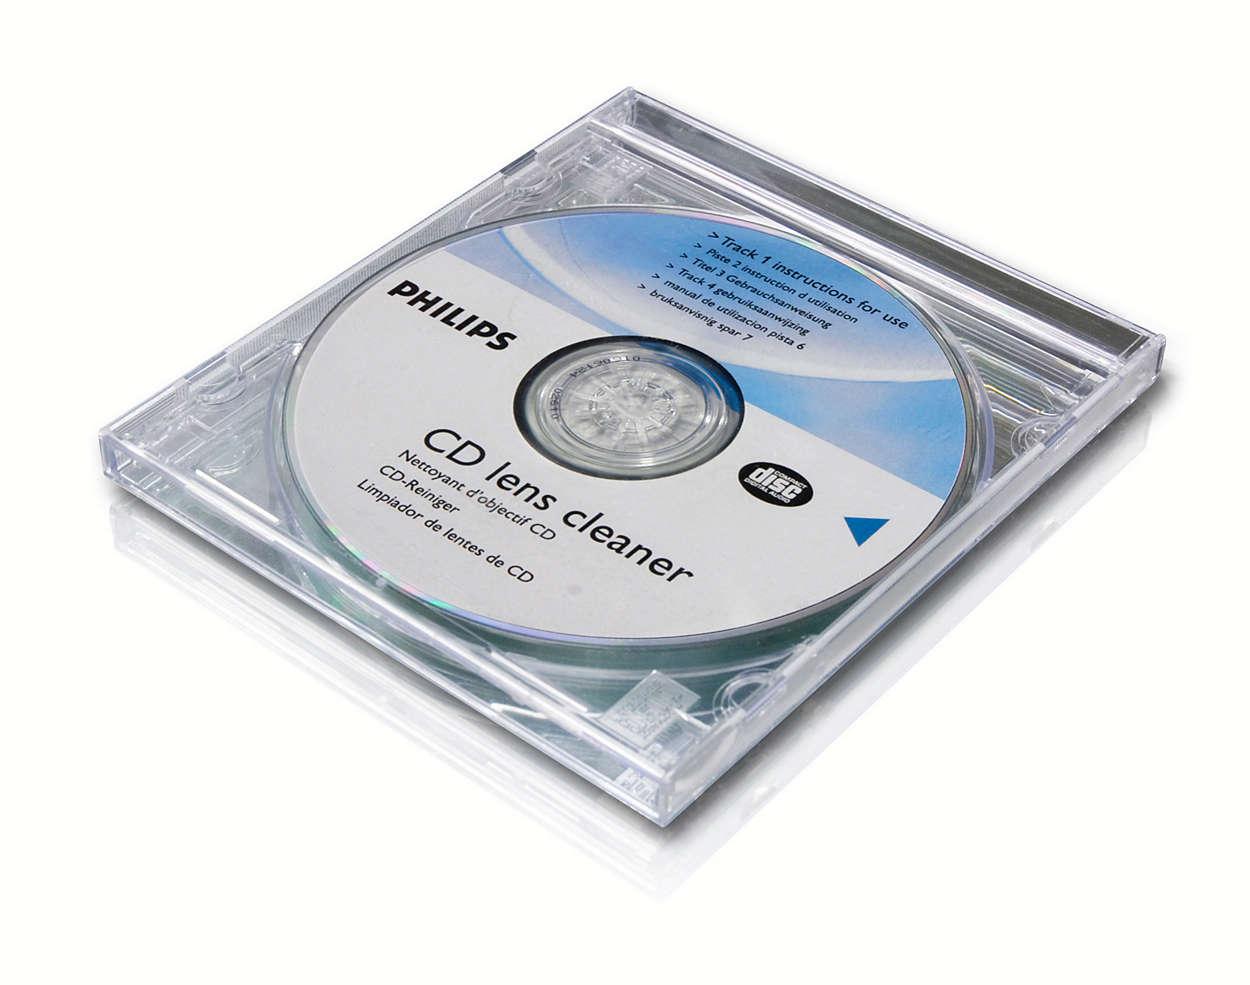 Curăţaţi-vă şi protejaţi-vă playerele CD/DVD